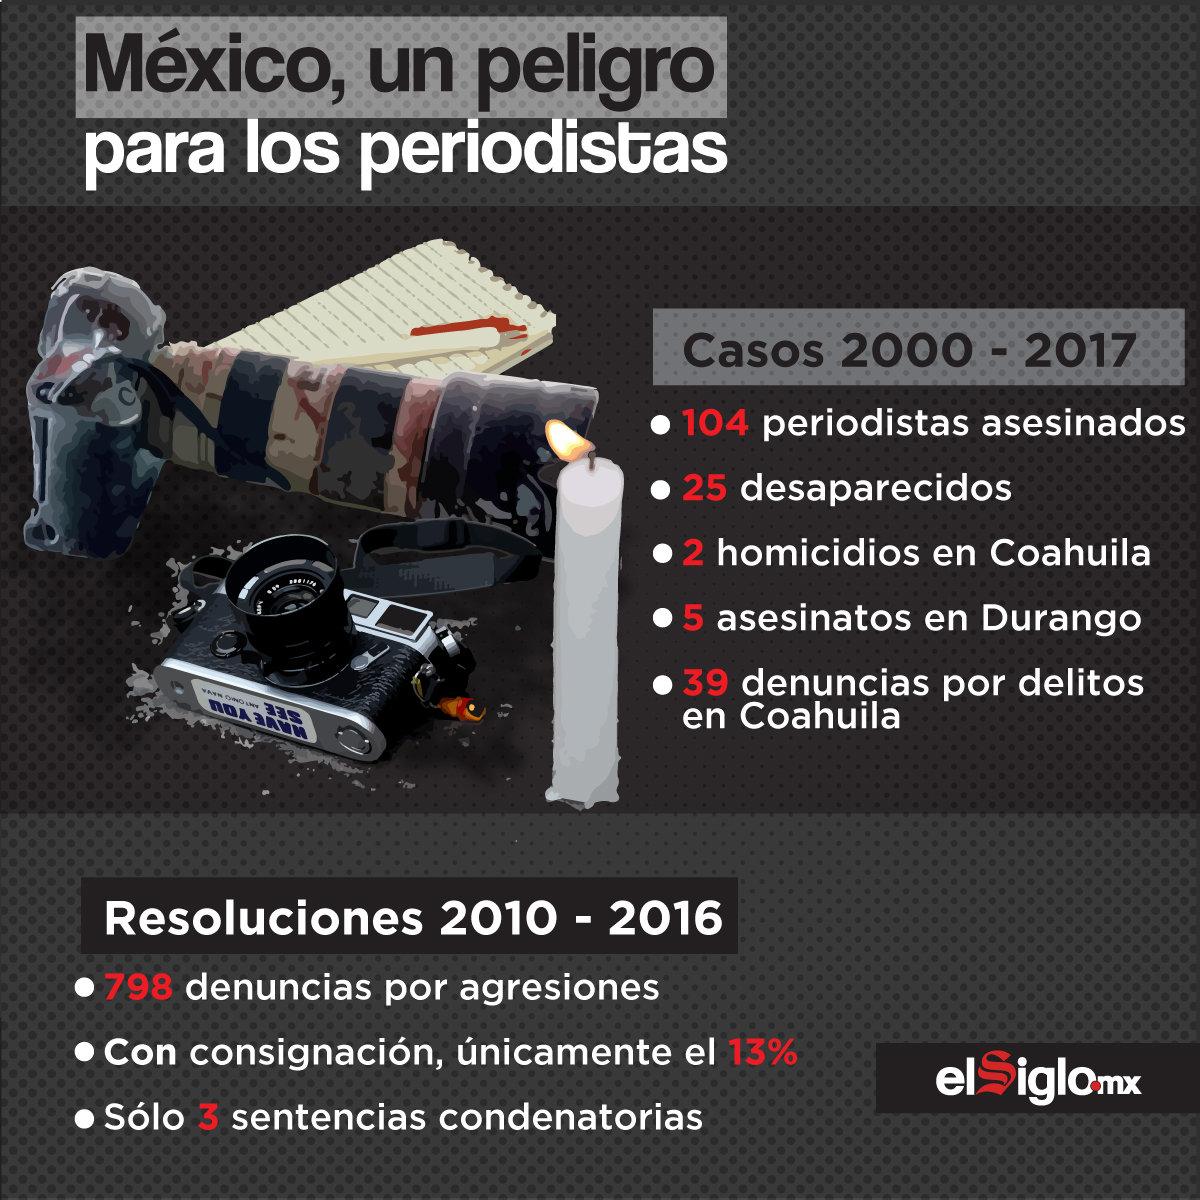 México, un peligro para los periodistas